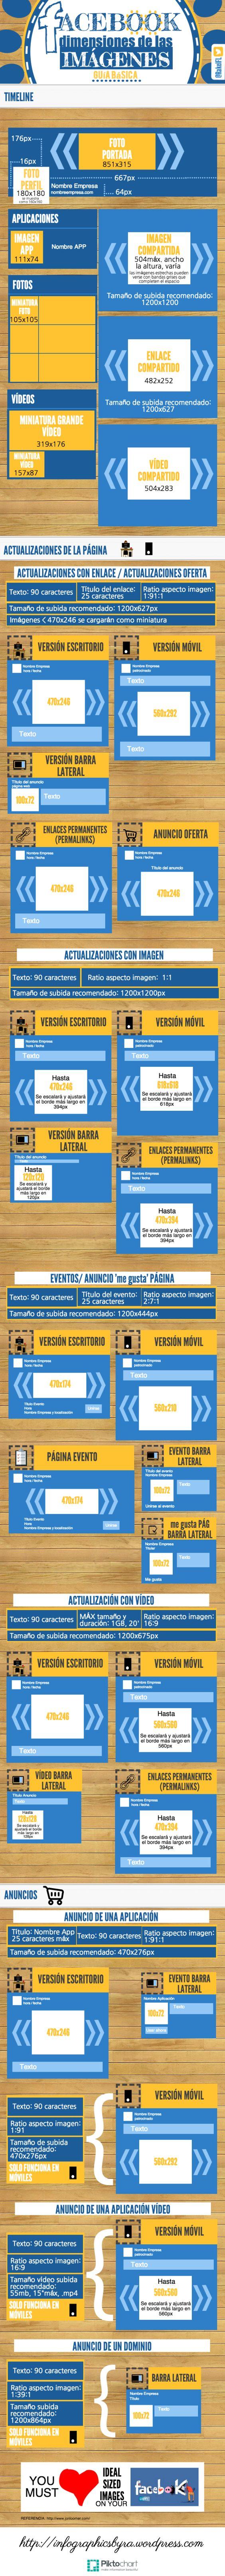 Tamaños de las imágenes en FaceBook #infografia